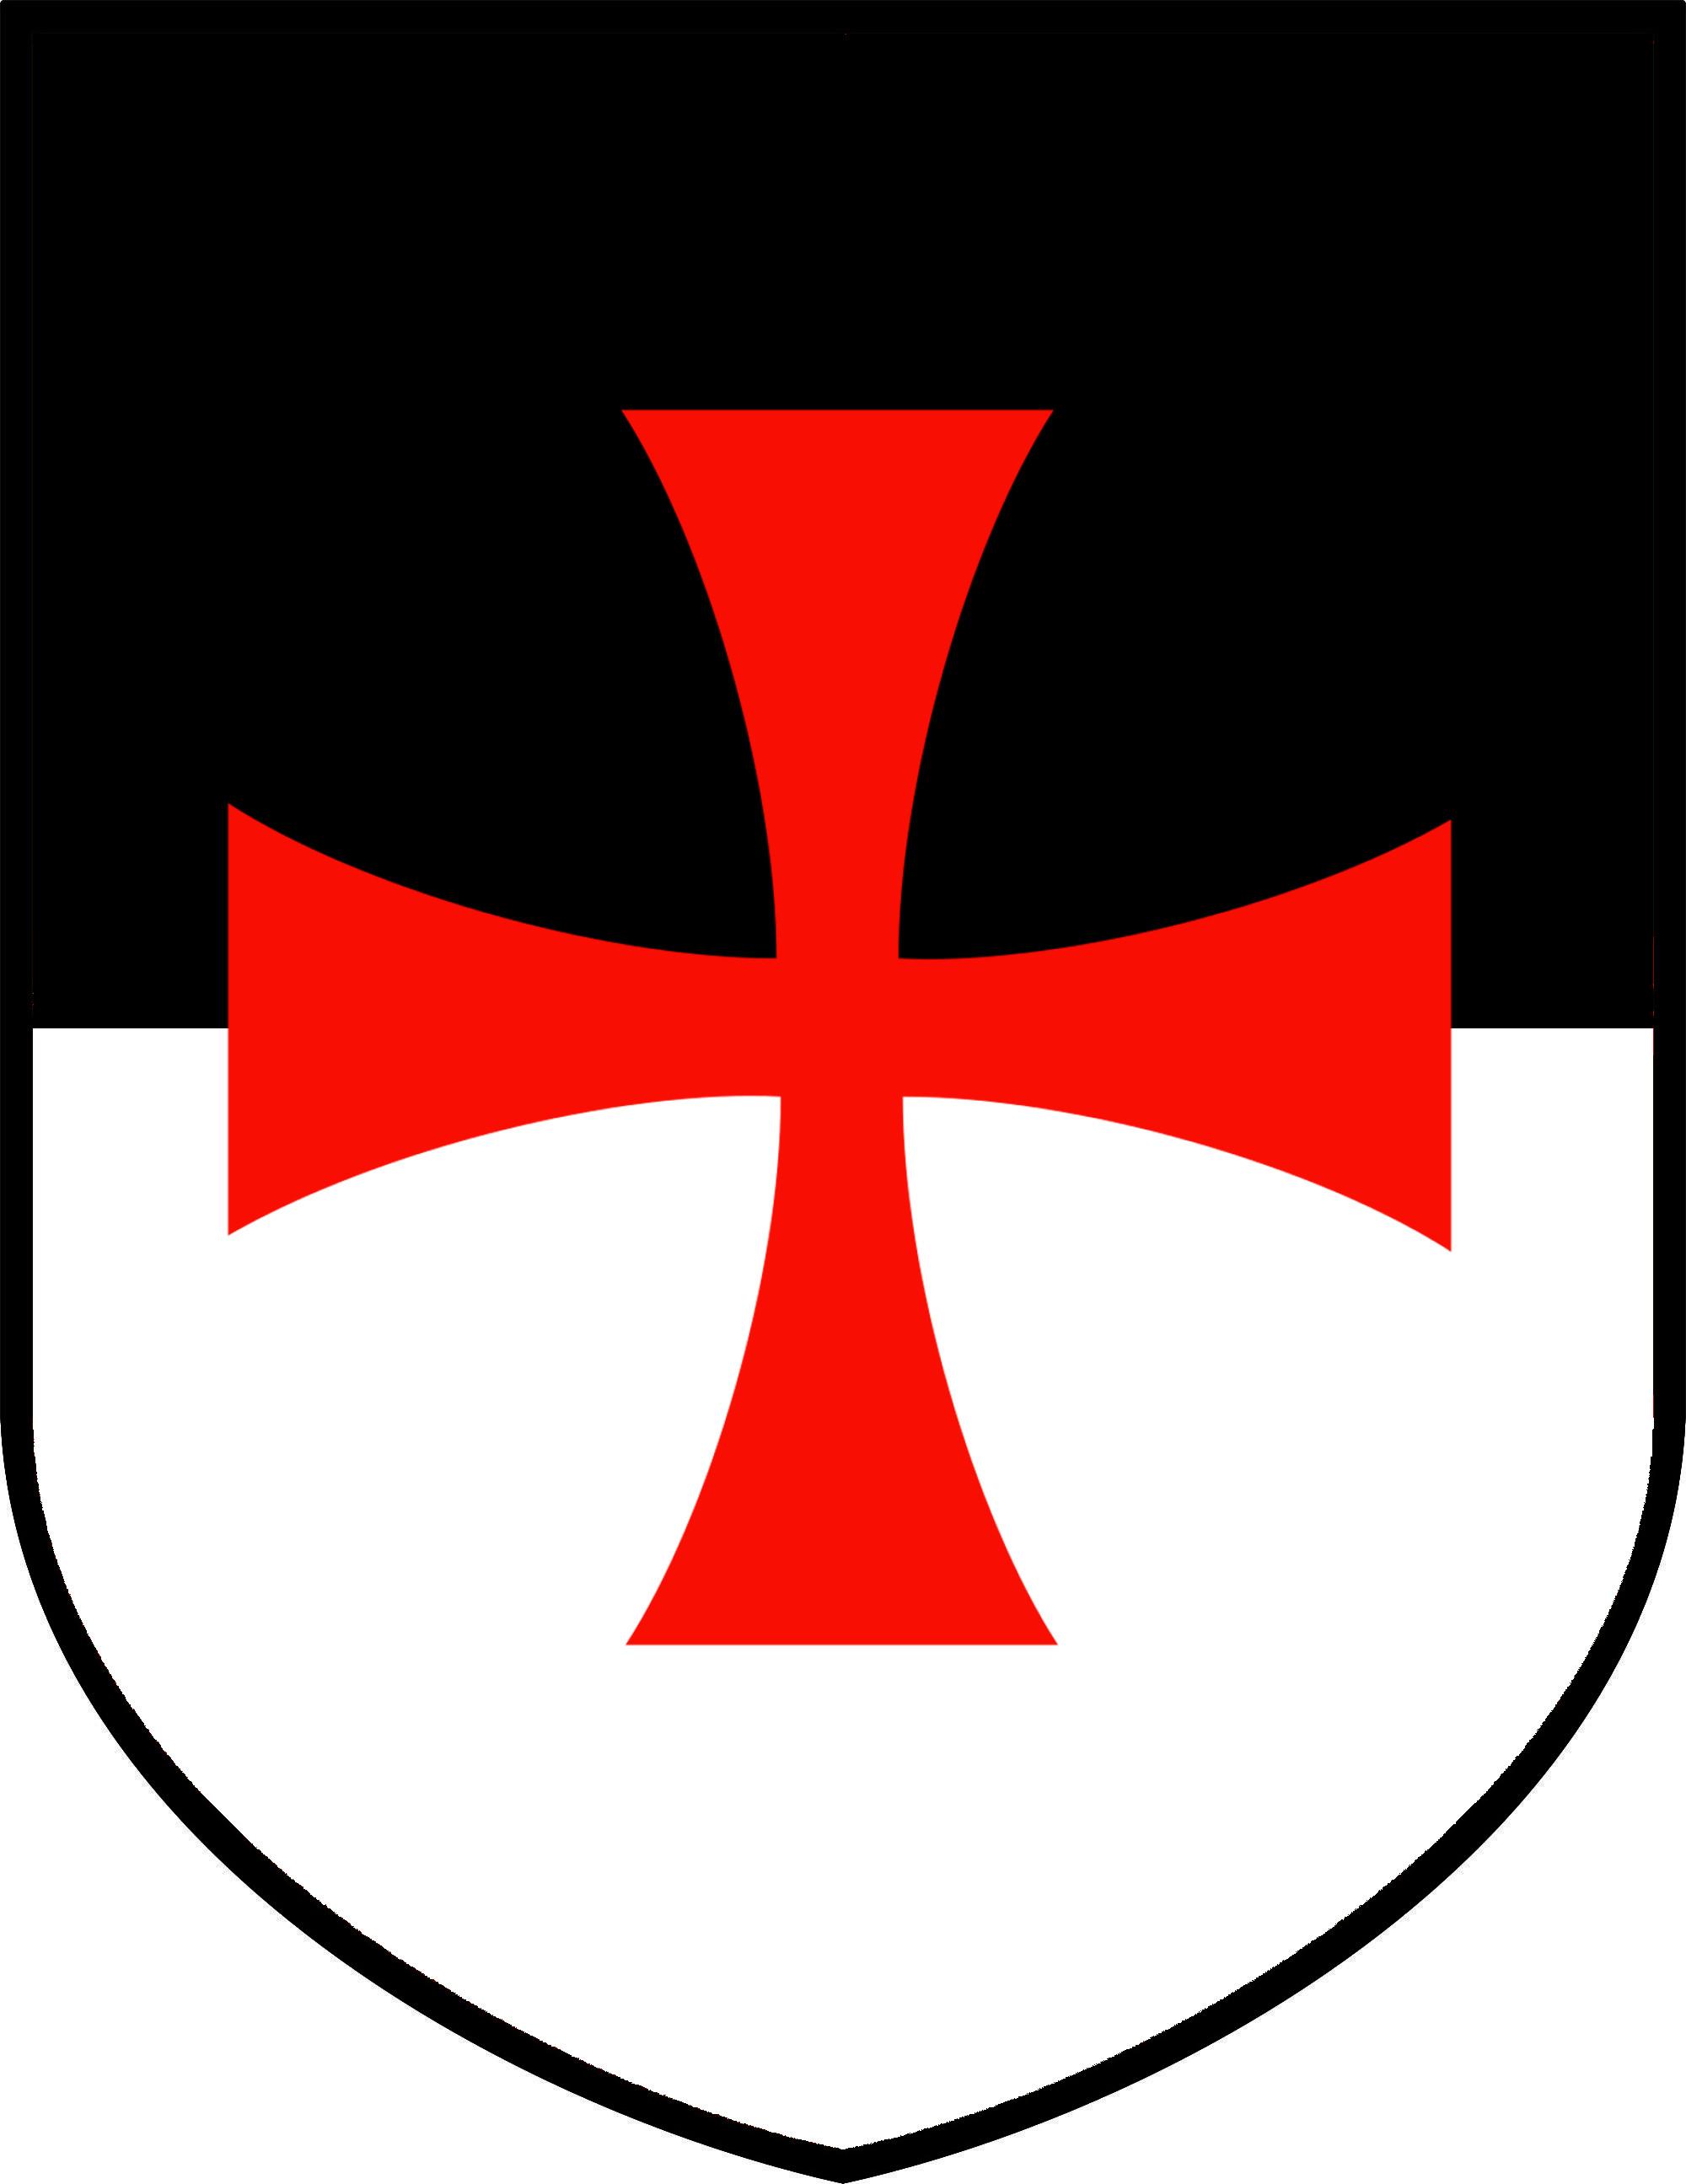 Knights Templar Bezant Shield by williammarshalstore.deviantart.com on  @DeviantArt